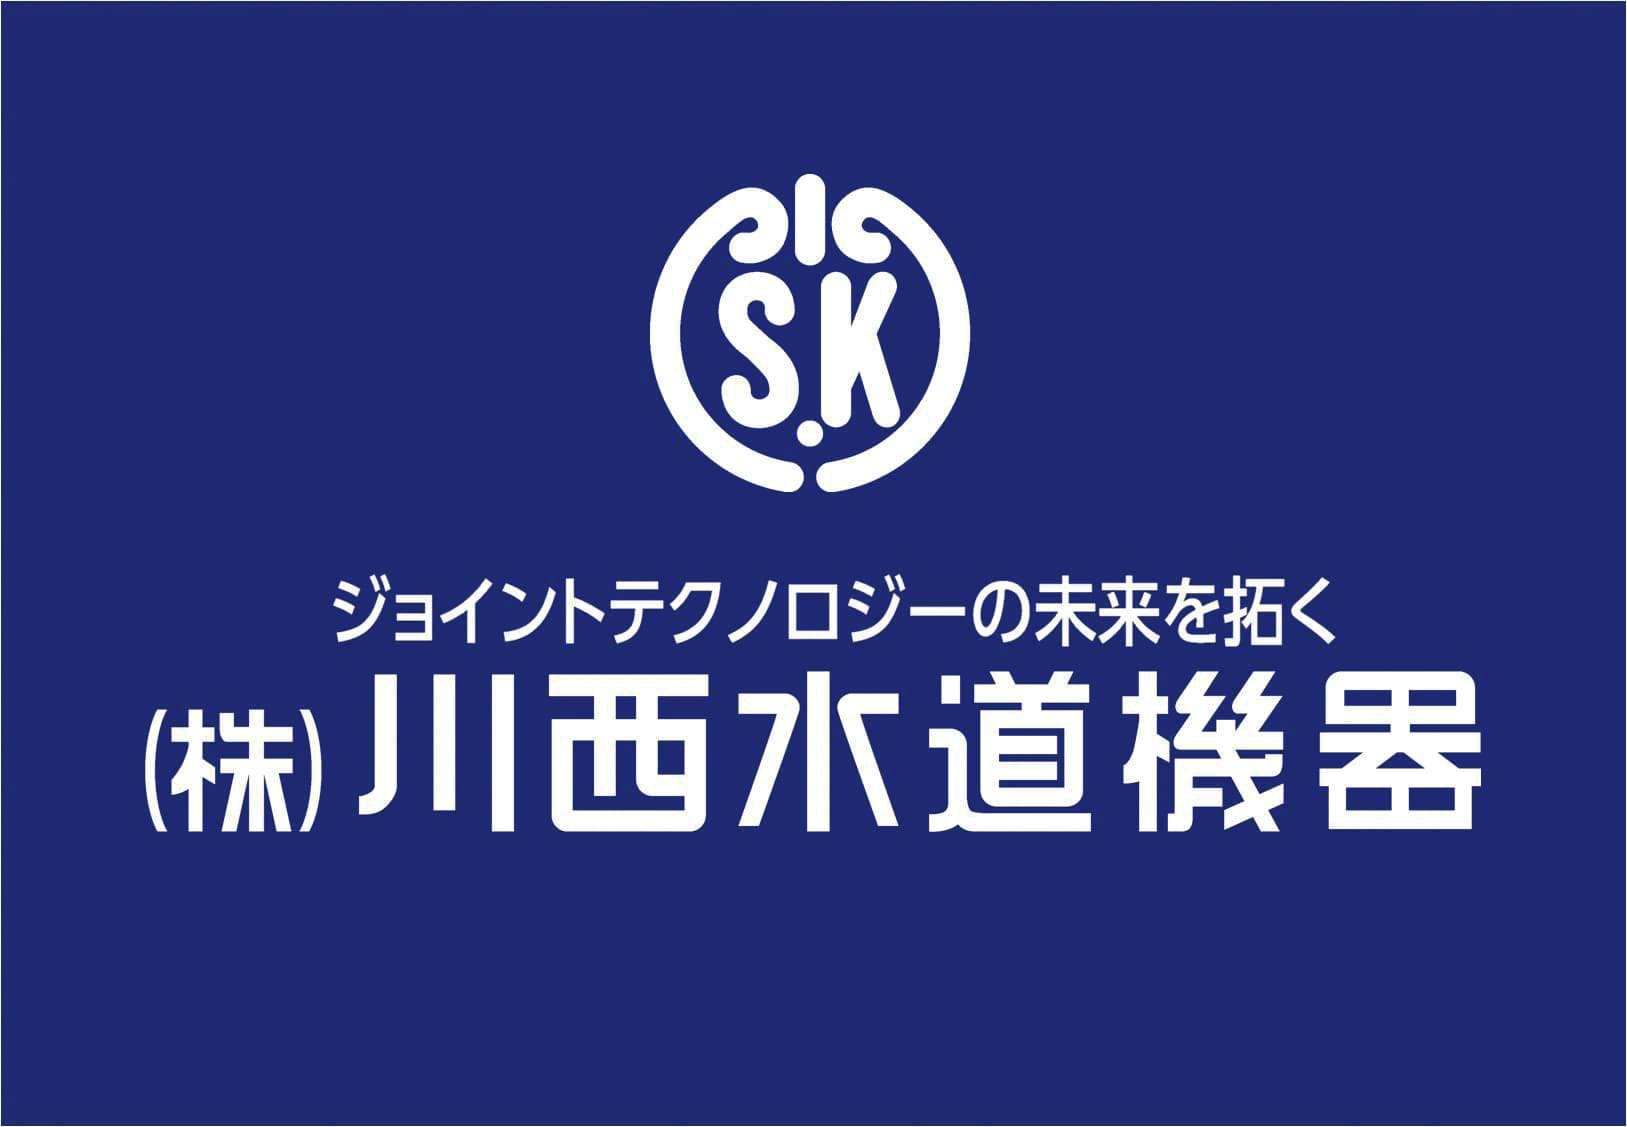 https://course-kagawa.com/wp-content/uploads/2021/03/2021川西水道機器00009.jpg